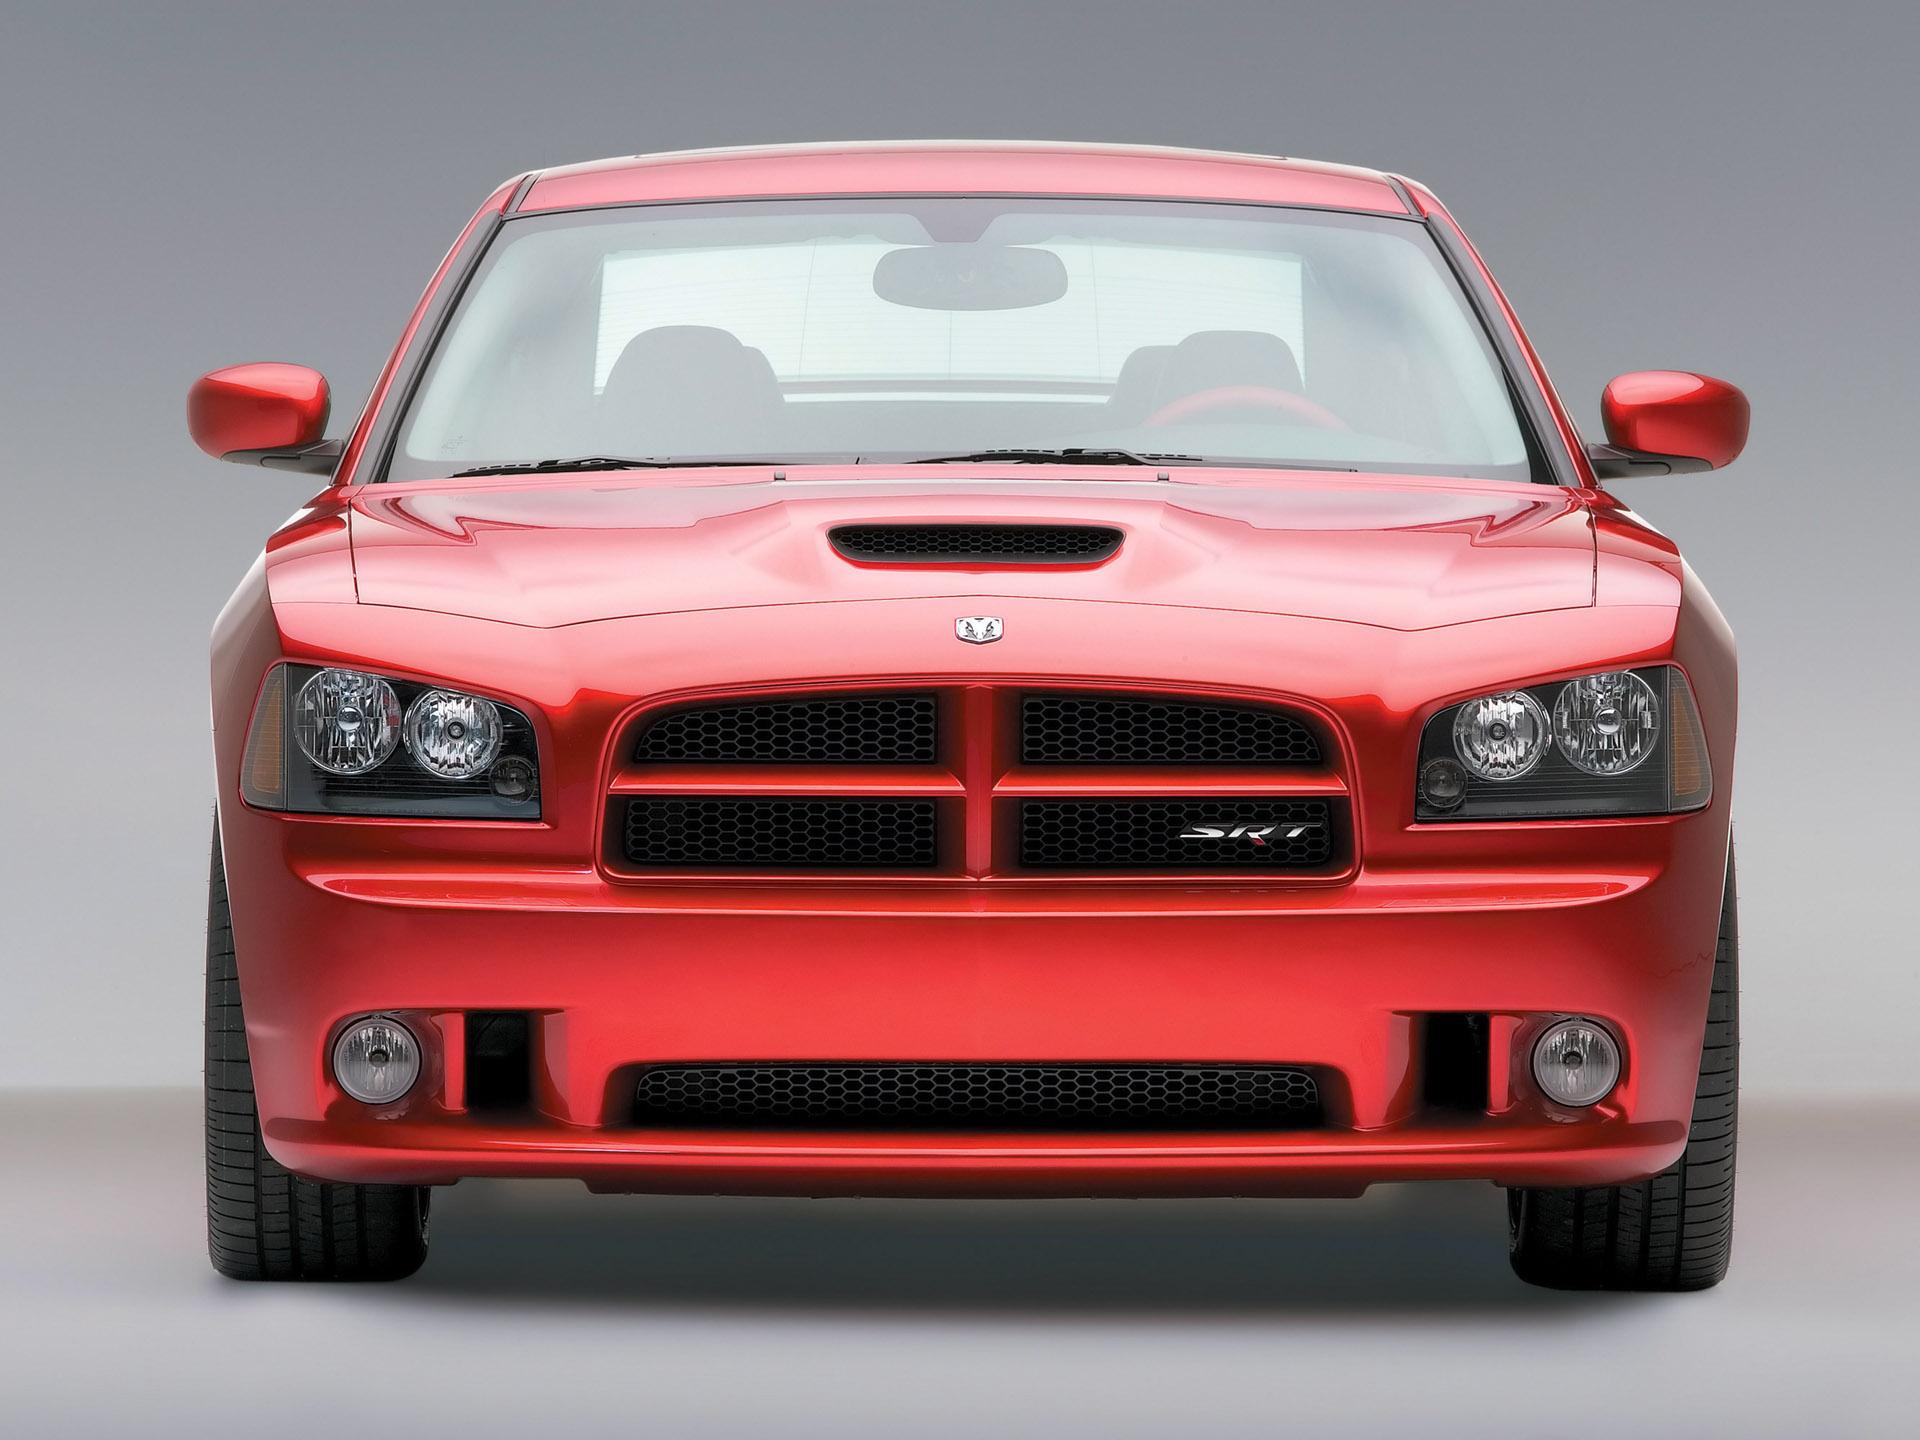 2000 Chevrolet Corvette C5 Wallpaper Image Sidneys blog 1920x1440